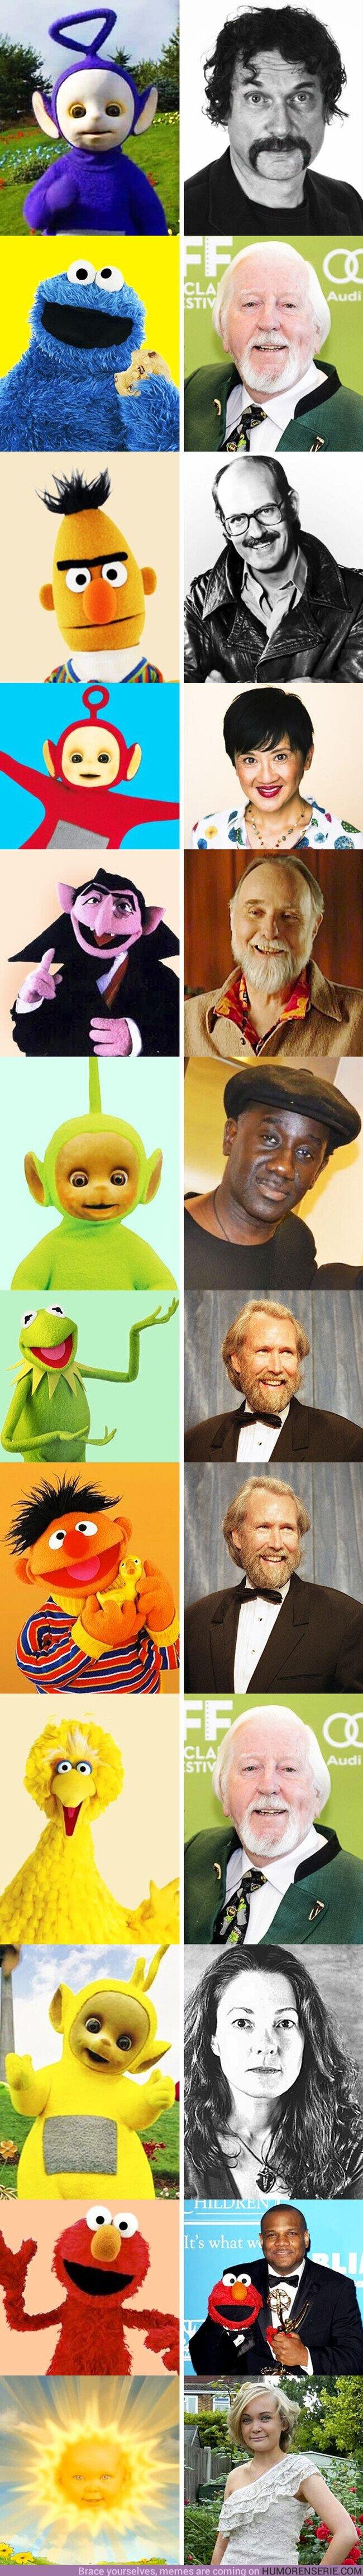 58823 - GALERÍA: Así es como se ven los actores detrás de los personajes más famosos de los programas de nuestra infancia